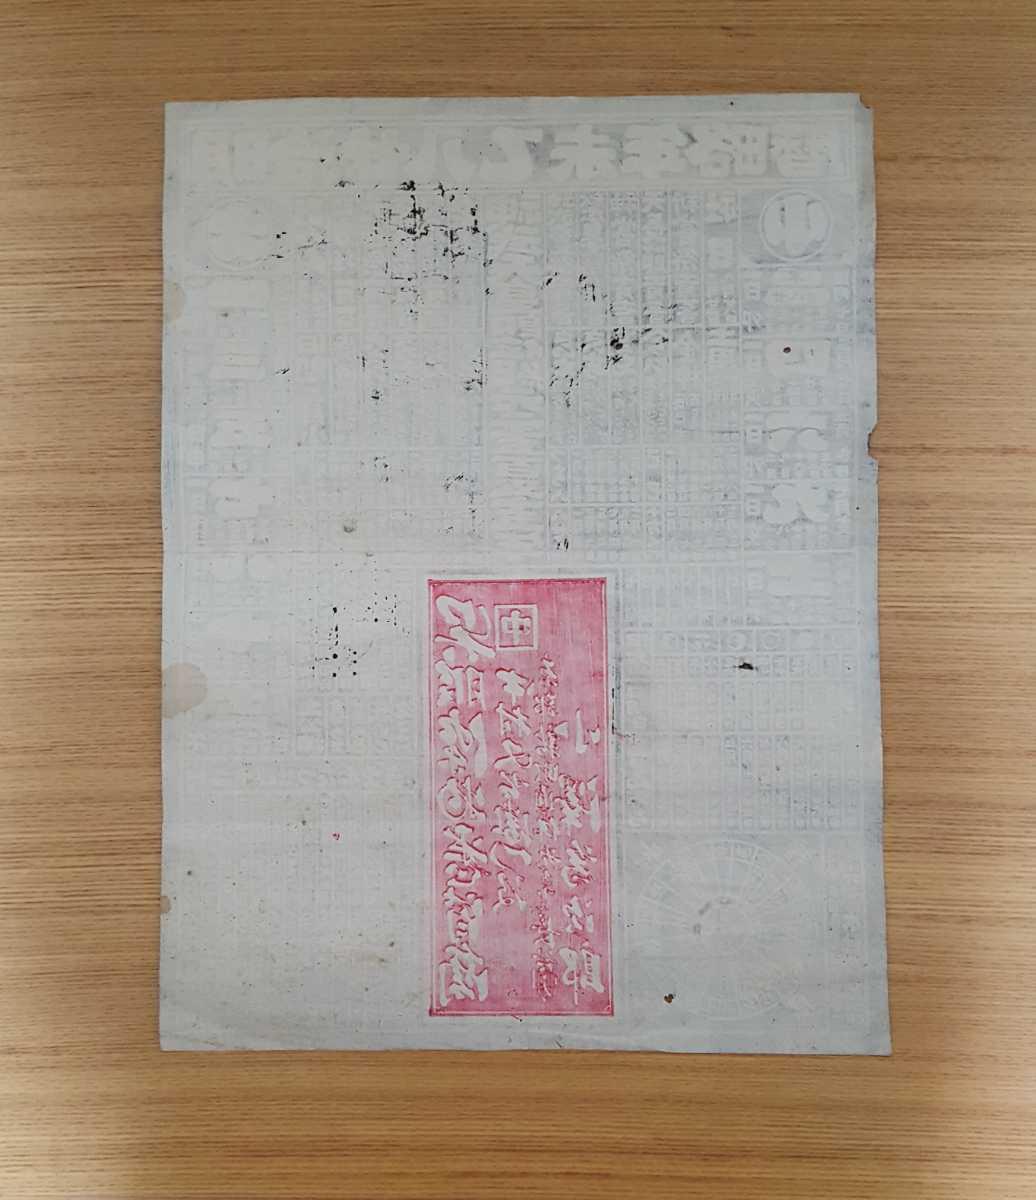 引札 昔のチラシ 古紙_画像3